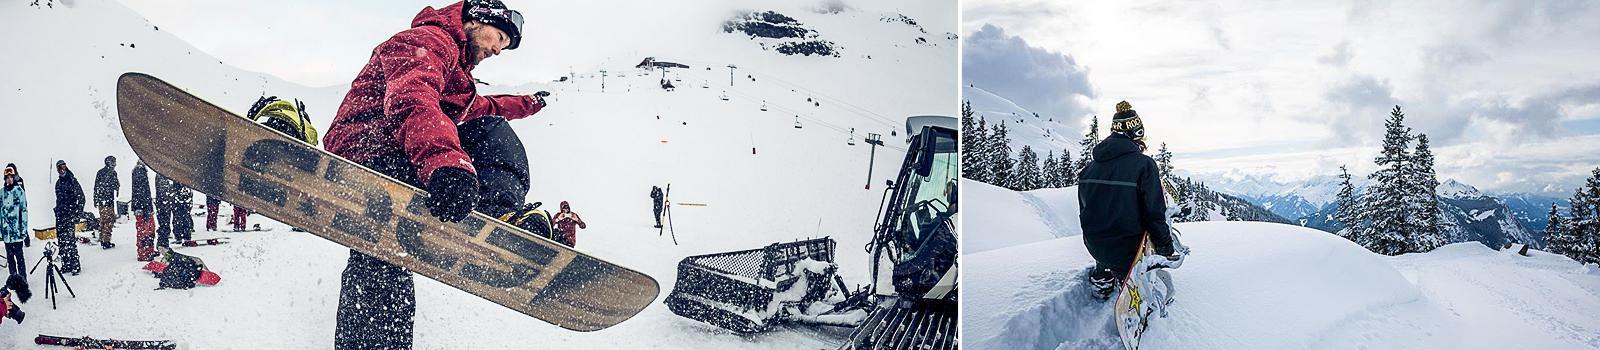 Мужская одежда и аксессуары для сноубординга